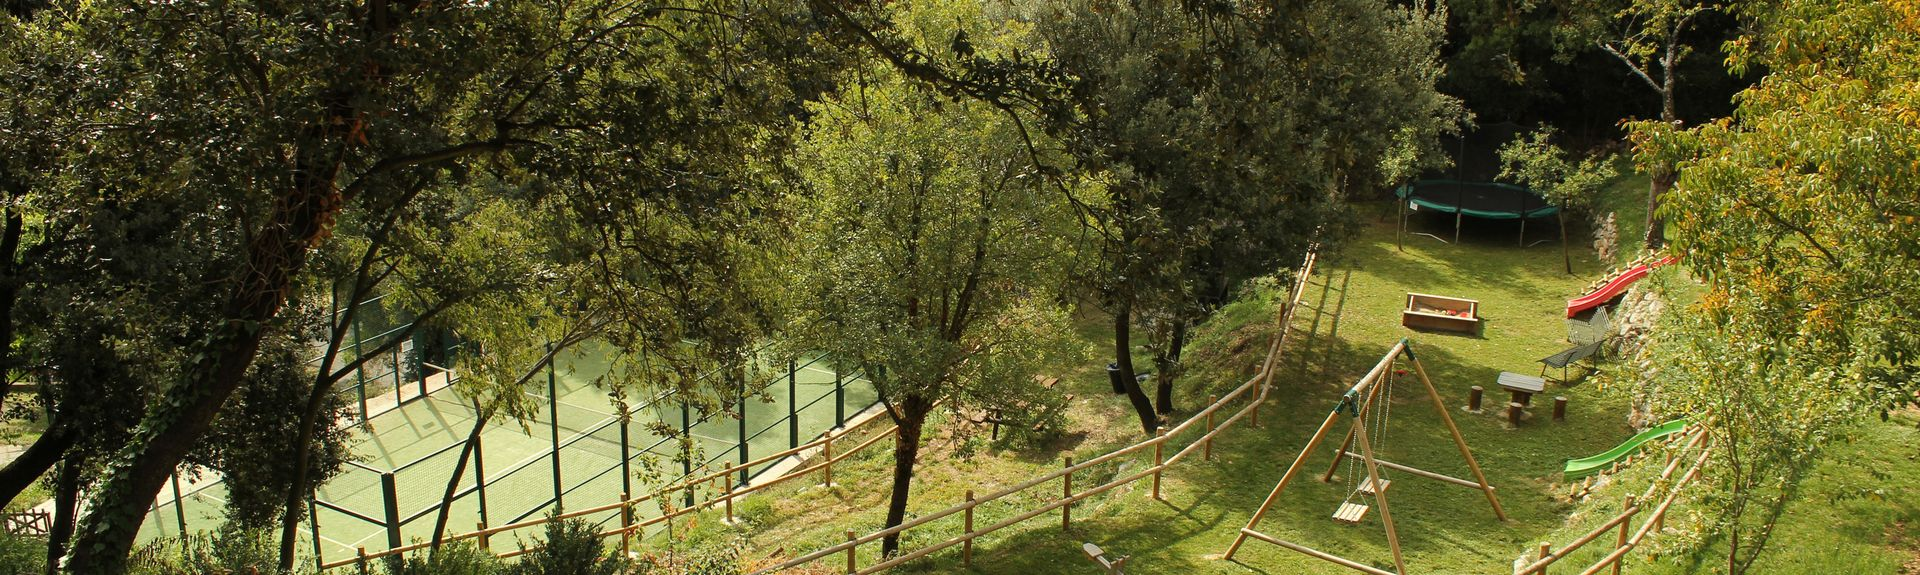 Casserras, Cataluña, España